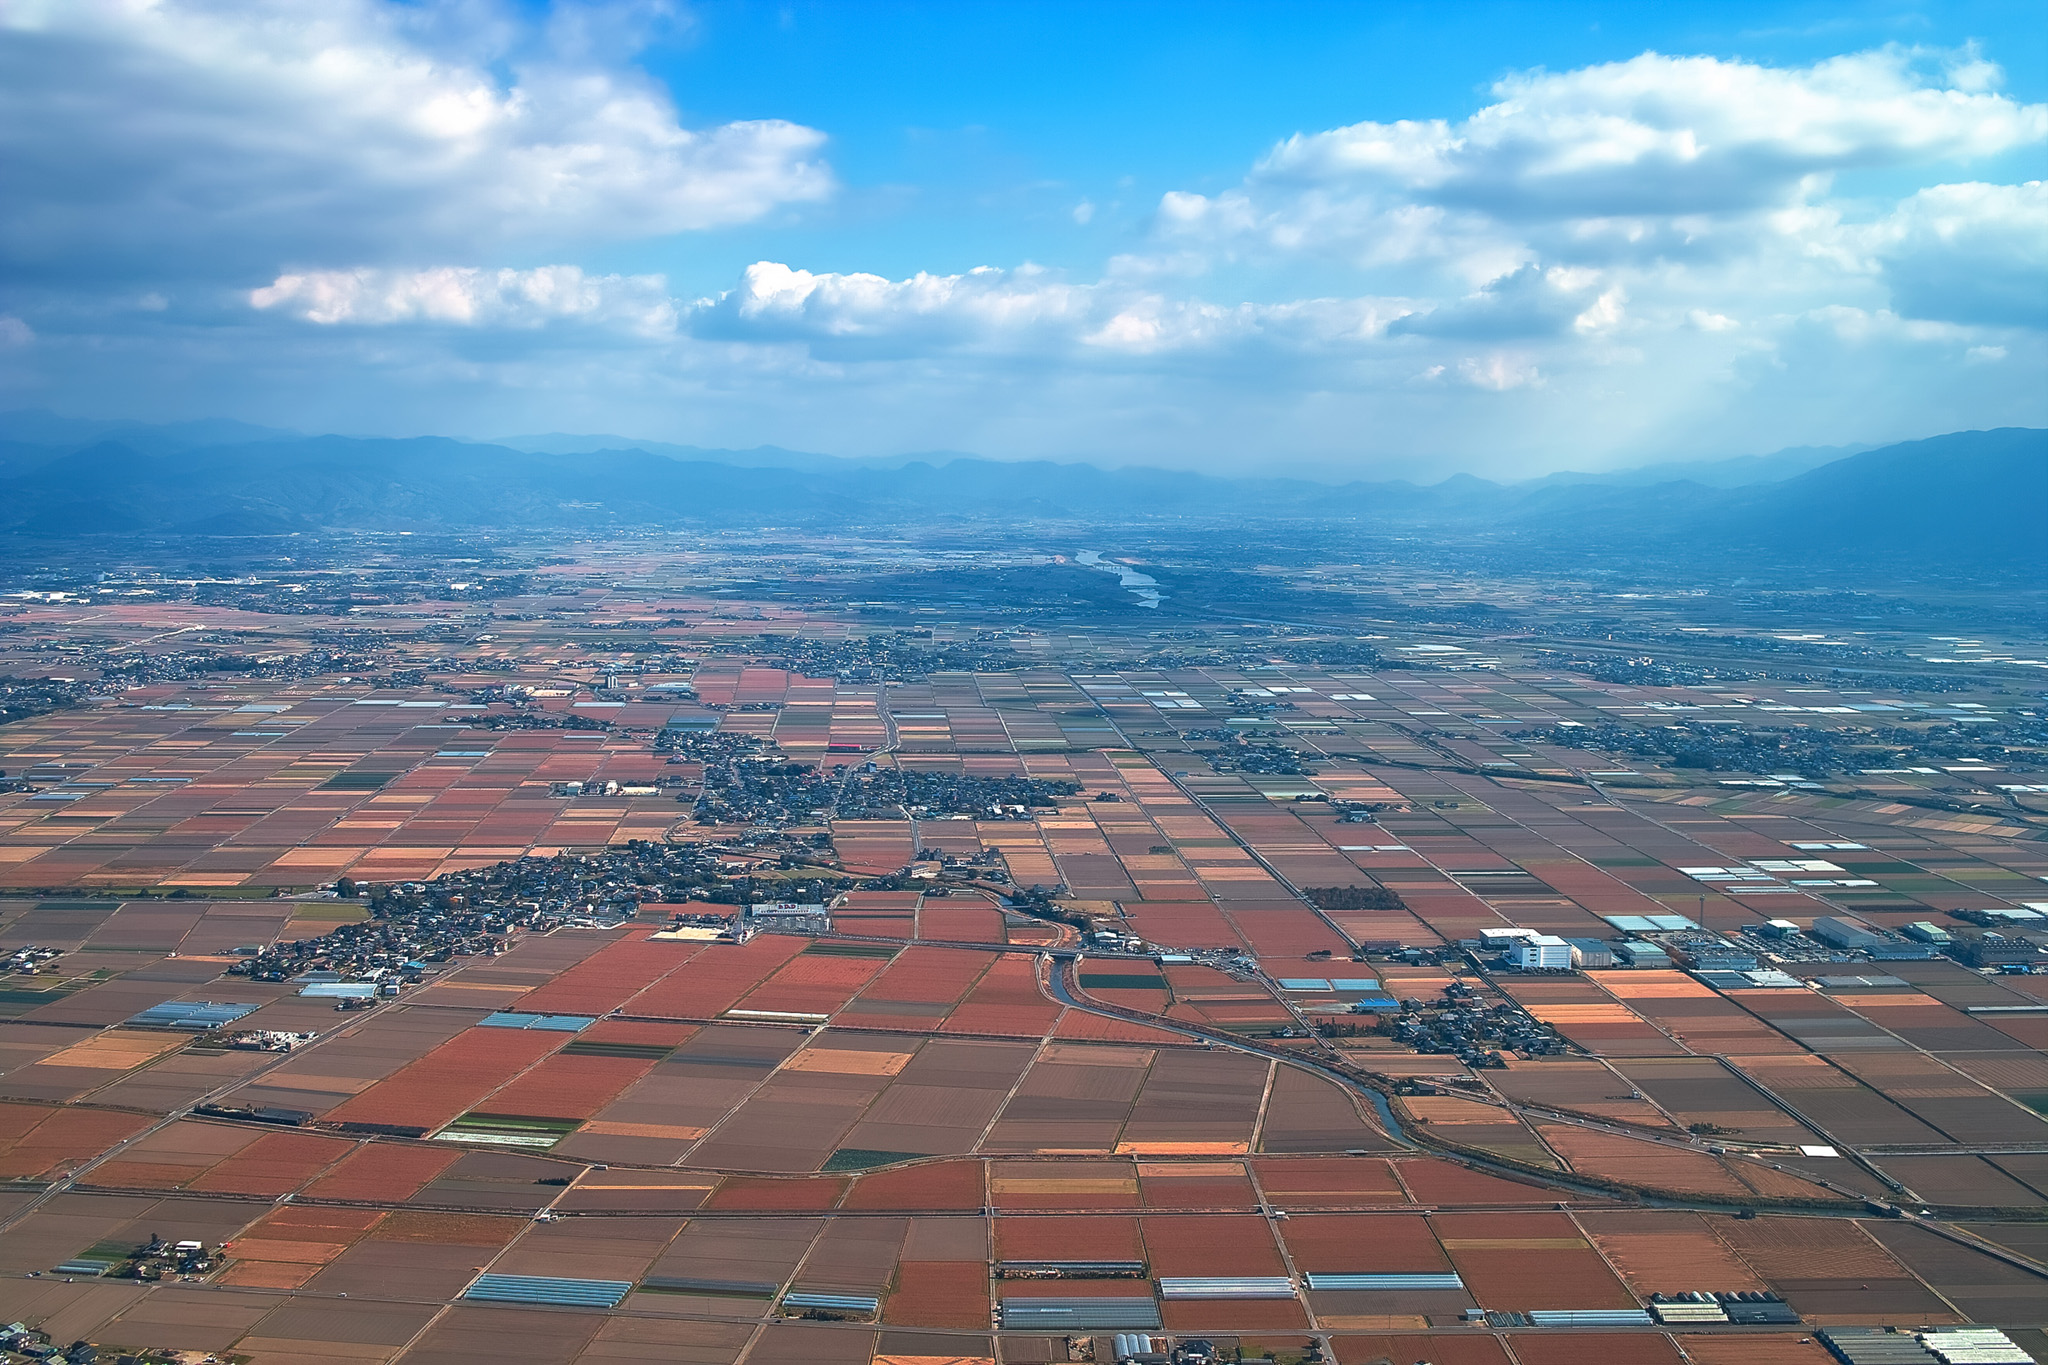 「赤い畑が続く広大な平野部にある集落」